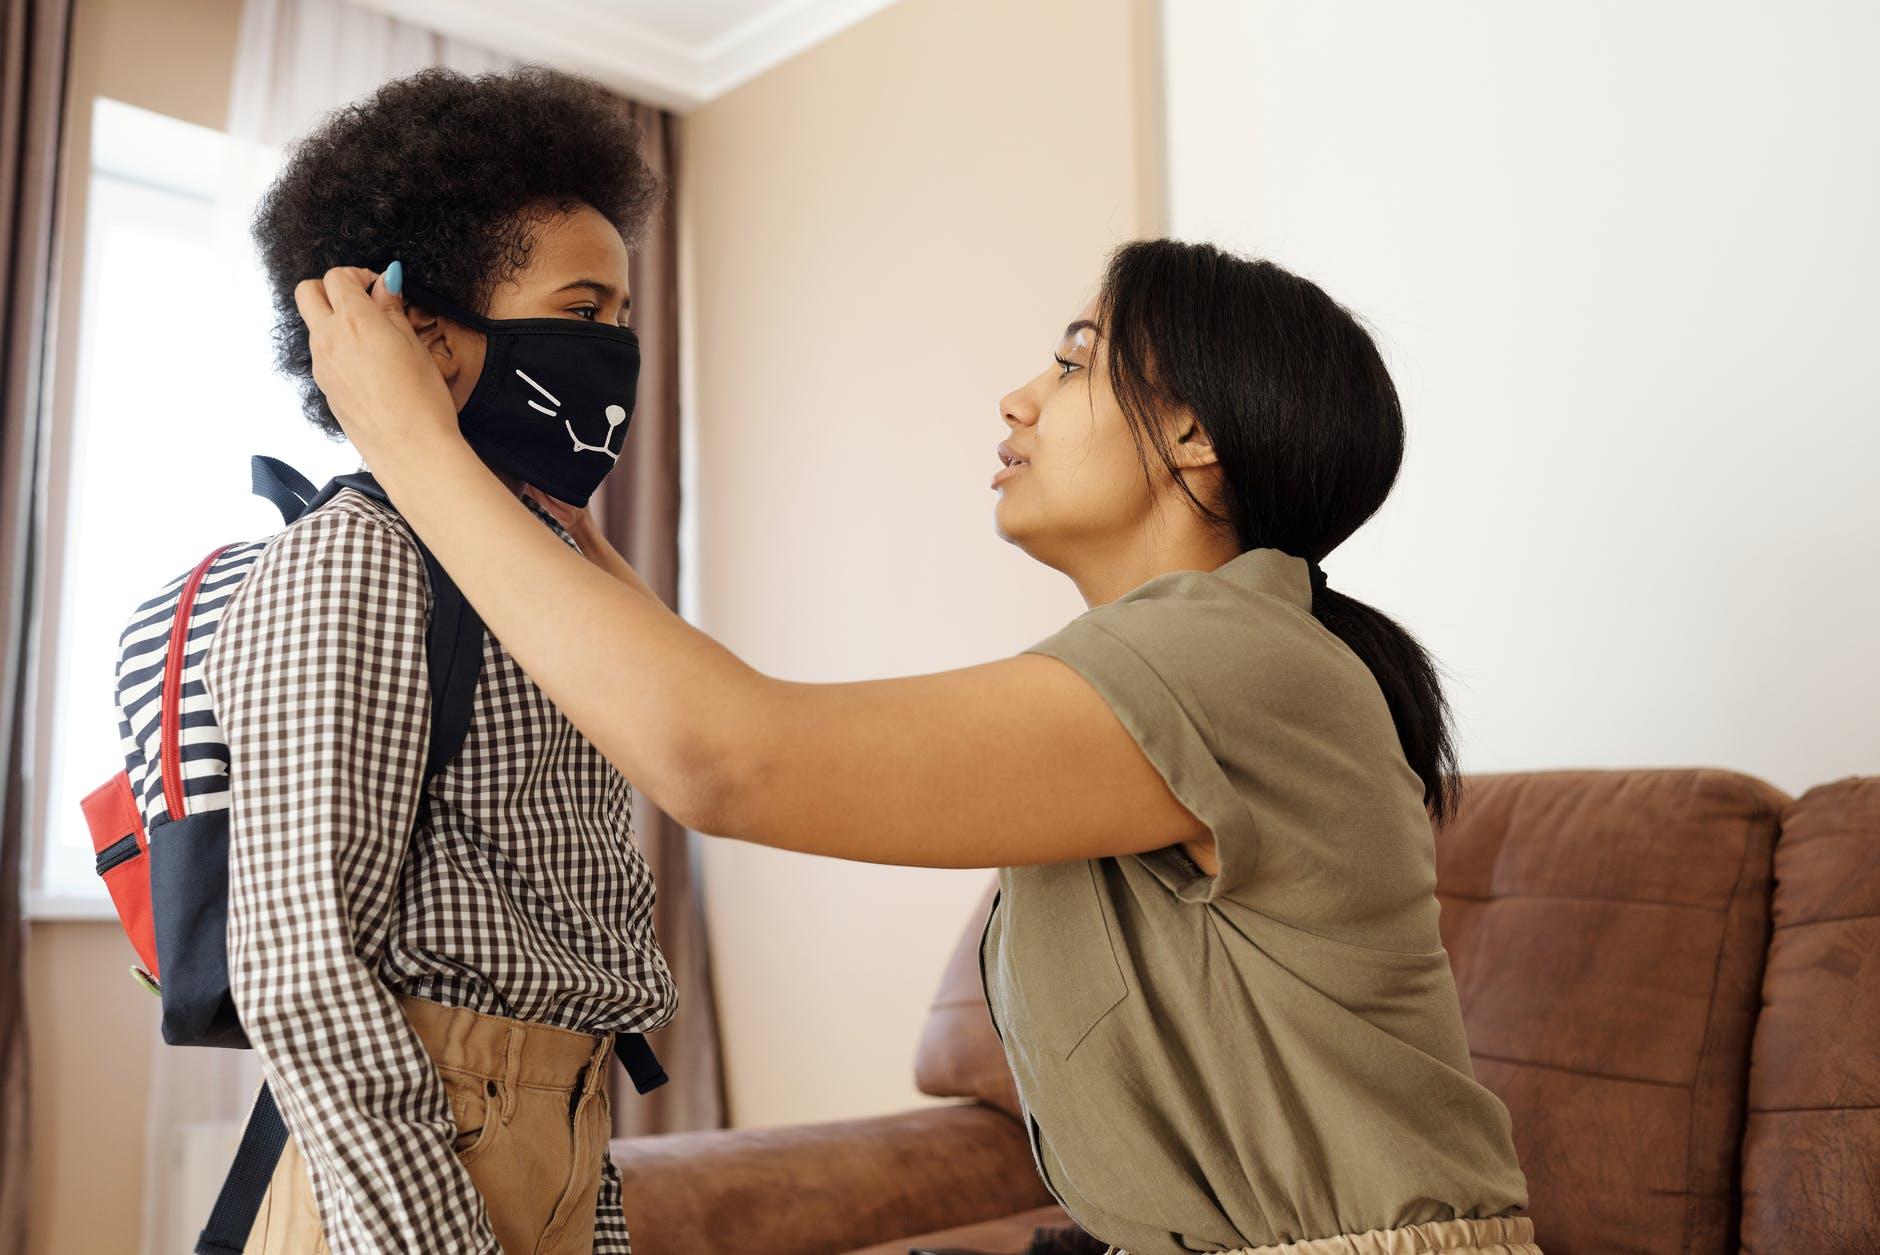 Arash Hadipour Niktarash talks of ways to keep your family safe during a pandemic